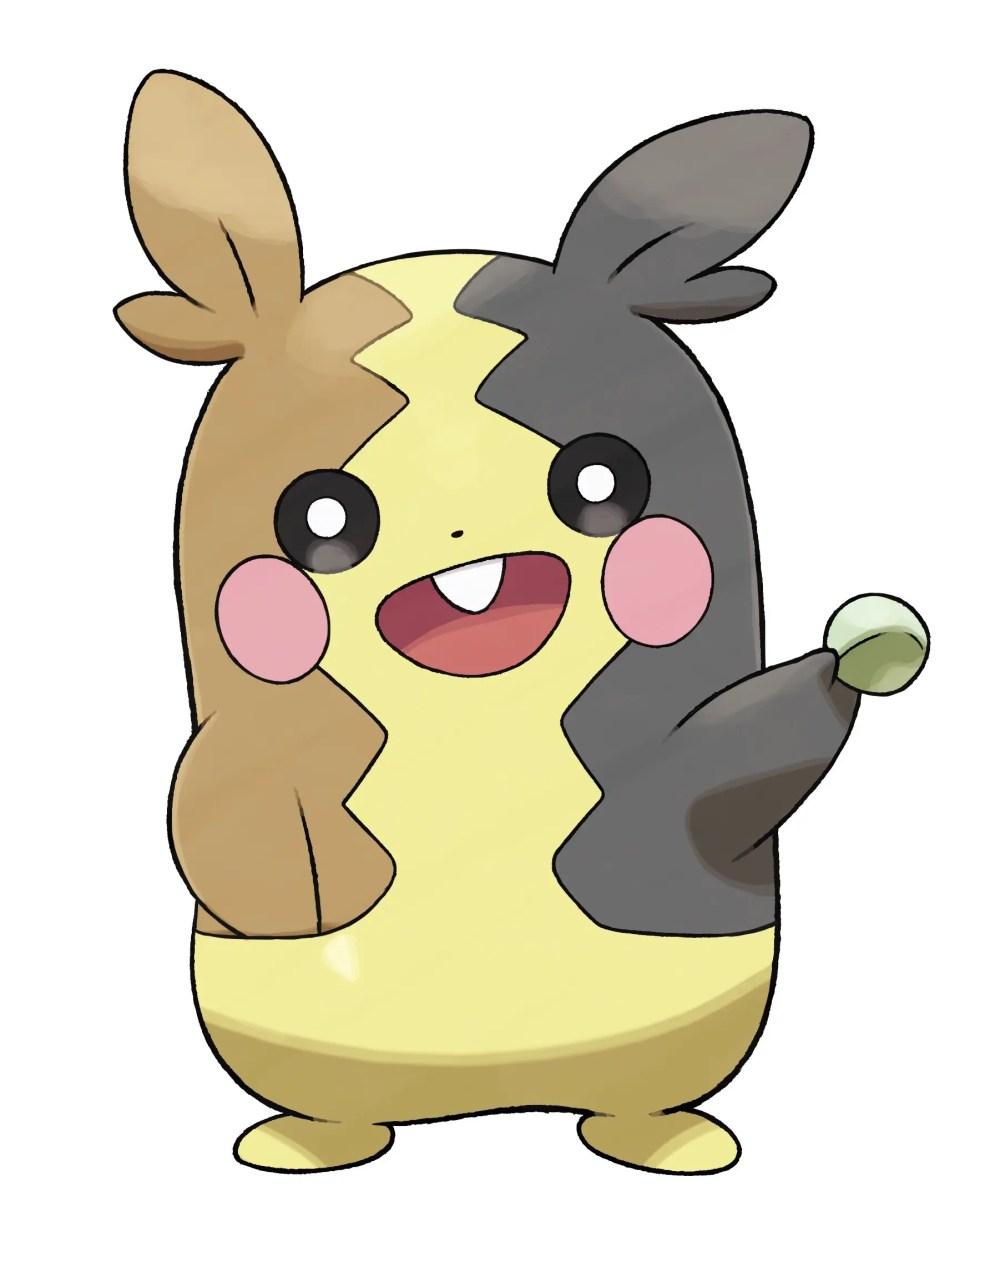 Morpeko Full Body Mode Pokémon Sword and Shield Artwork